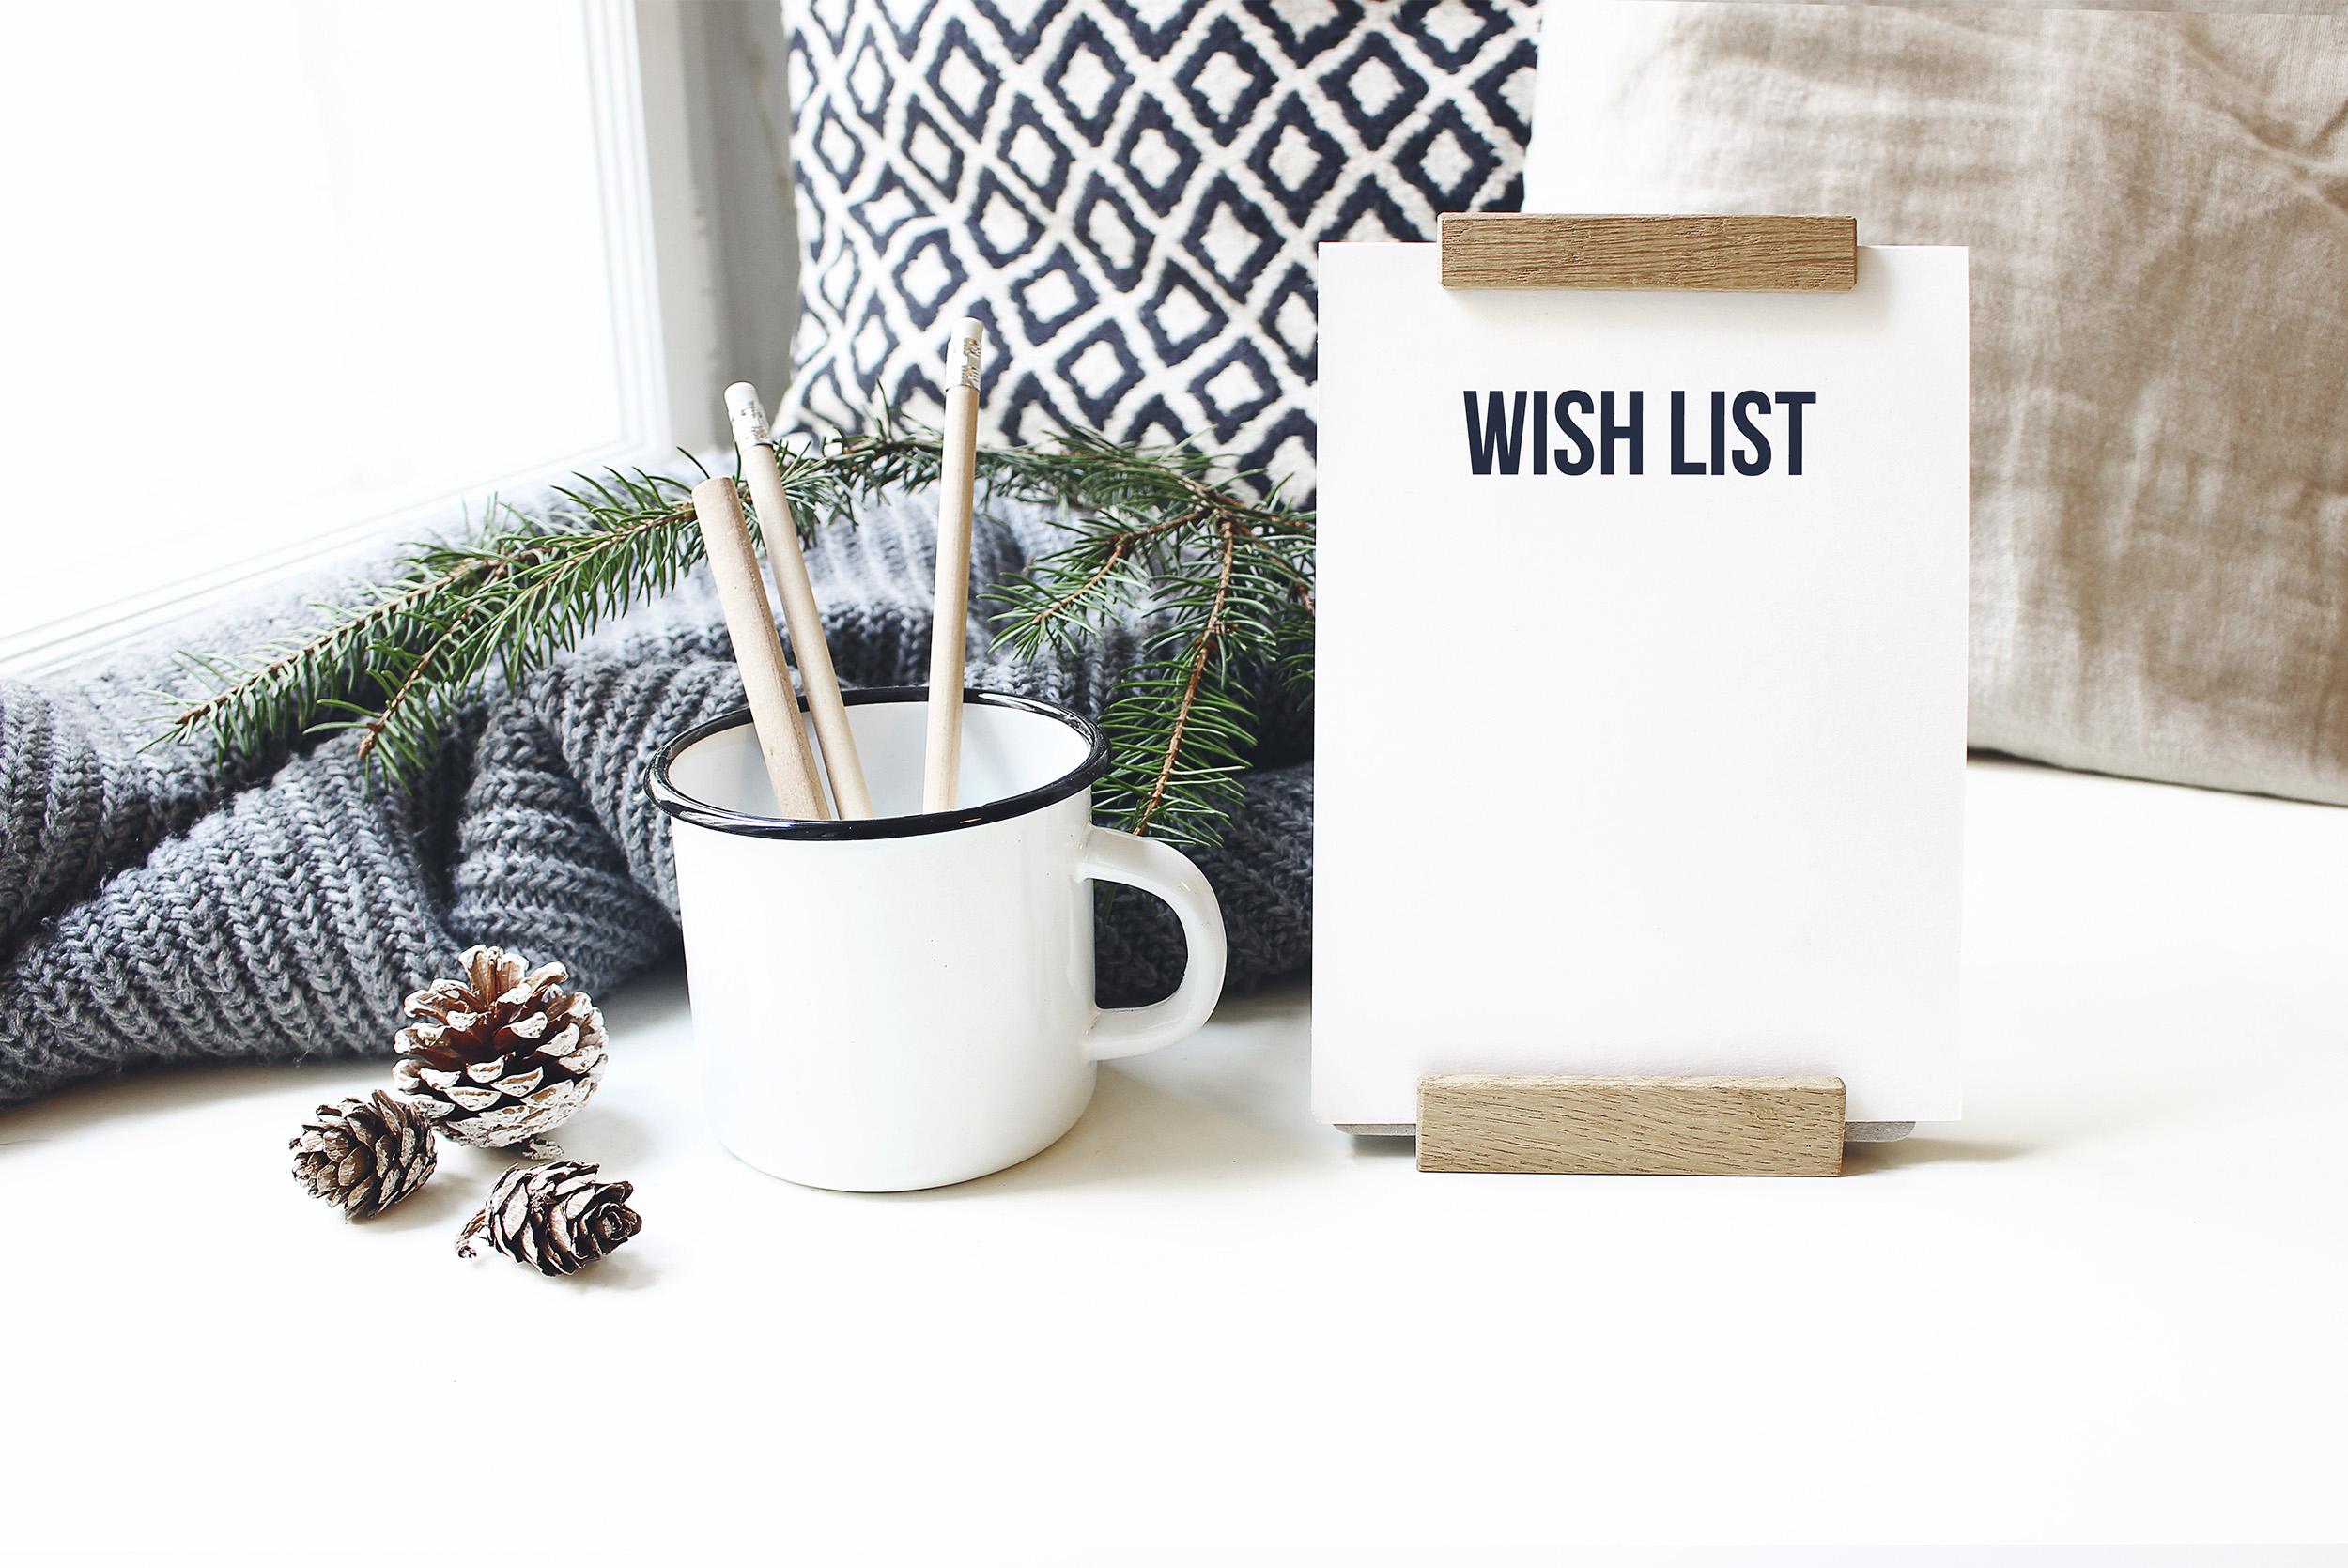 Liste der Wünsche für's neue Jahr